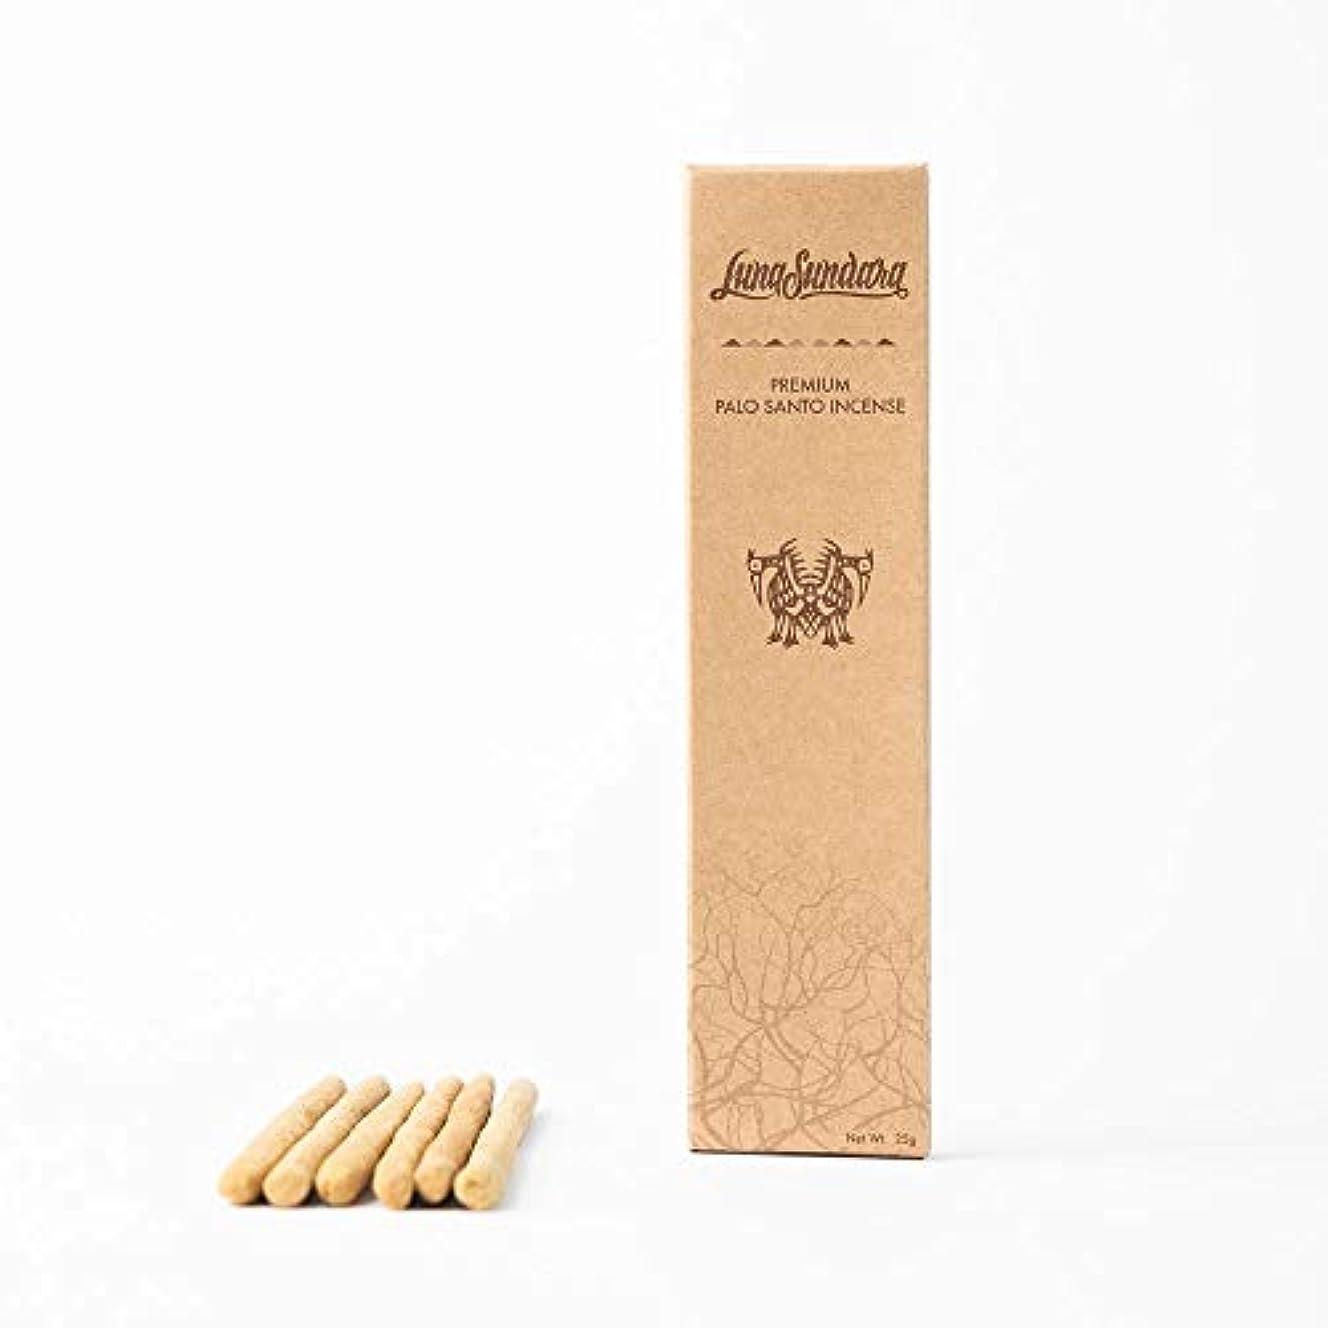 用語集慢な便宜ルナスンダラ (Luna Sundara) Premium Palo Santo Hand Rolled Incense Sticks プレミアム パロサント ハンドロールインセンスお香[6本入りBOX]